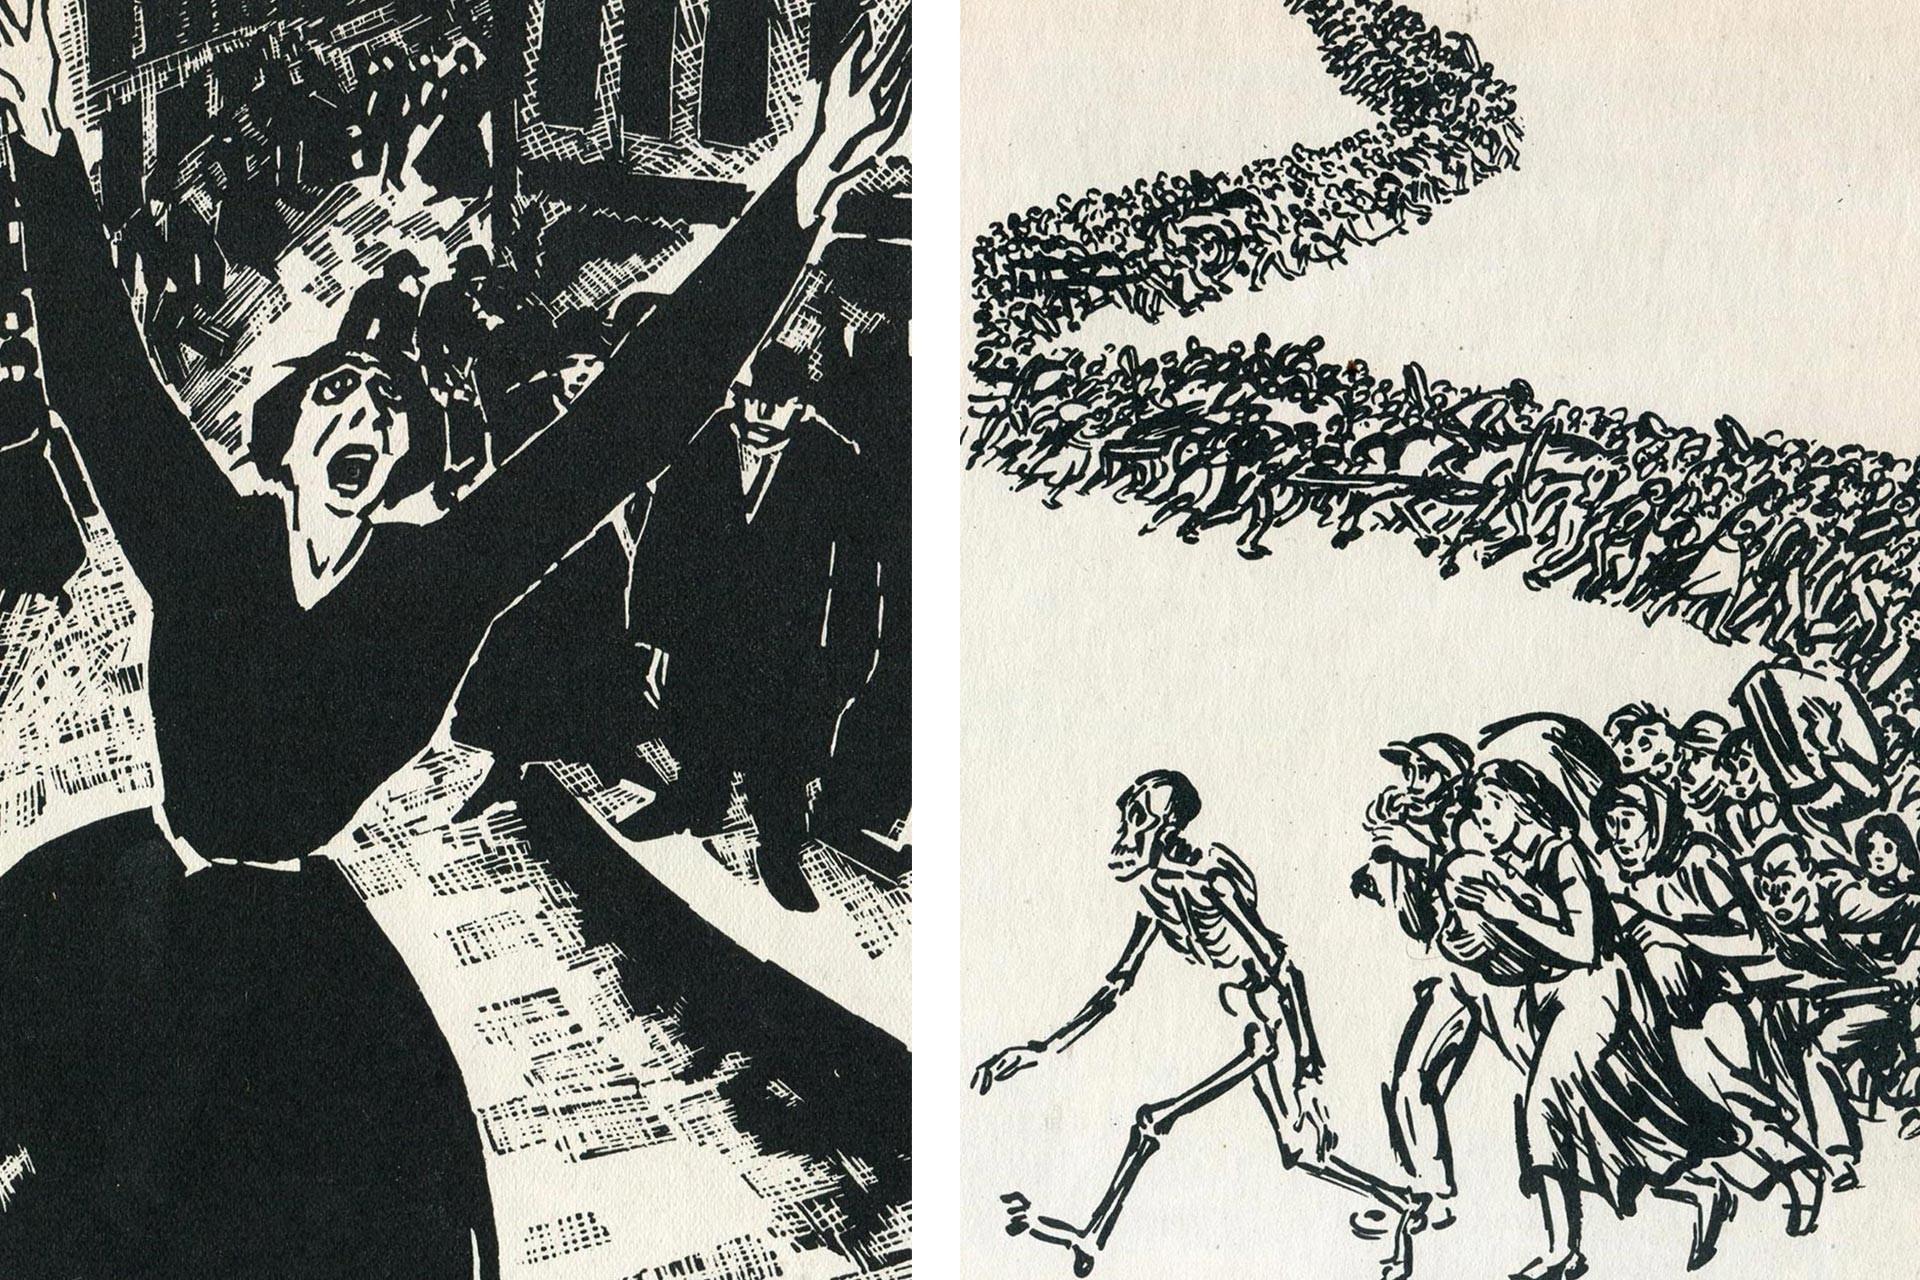 İnsanın insanı sömürmesine karşı duran bir sanatçı: Frans Masereel